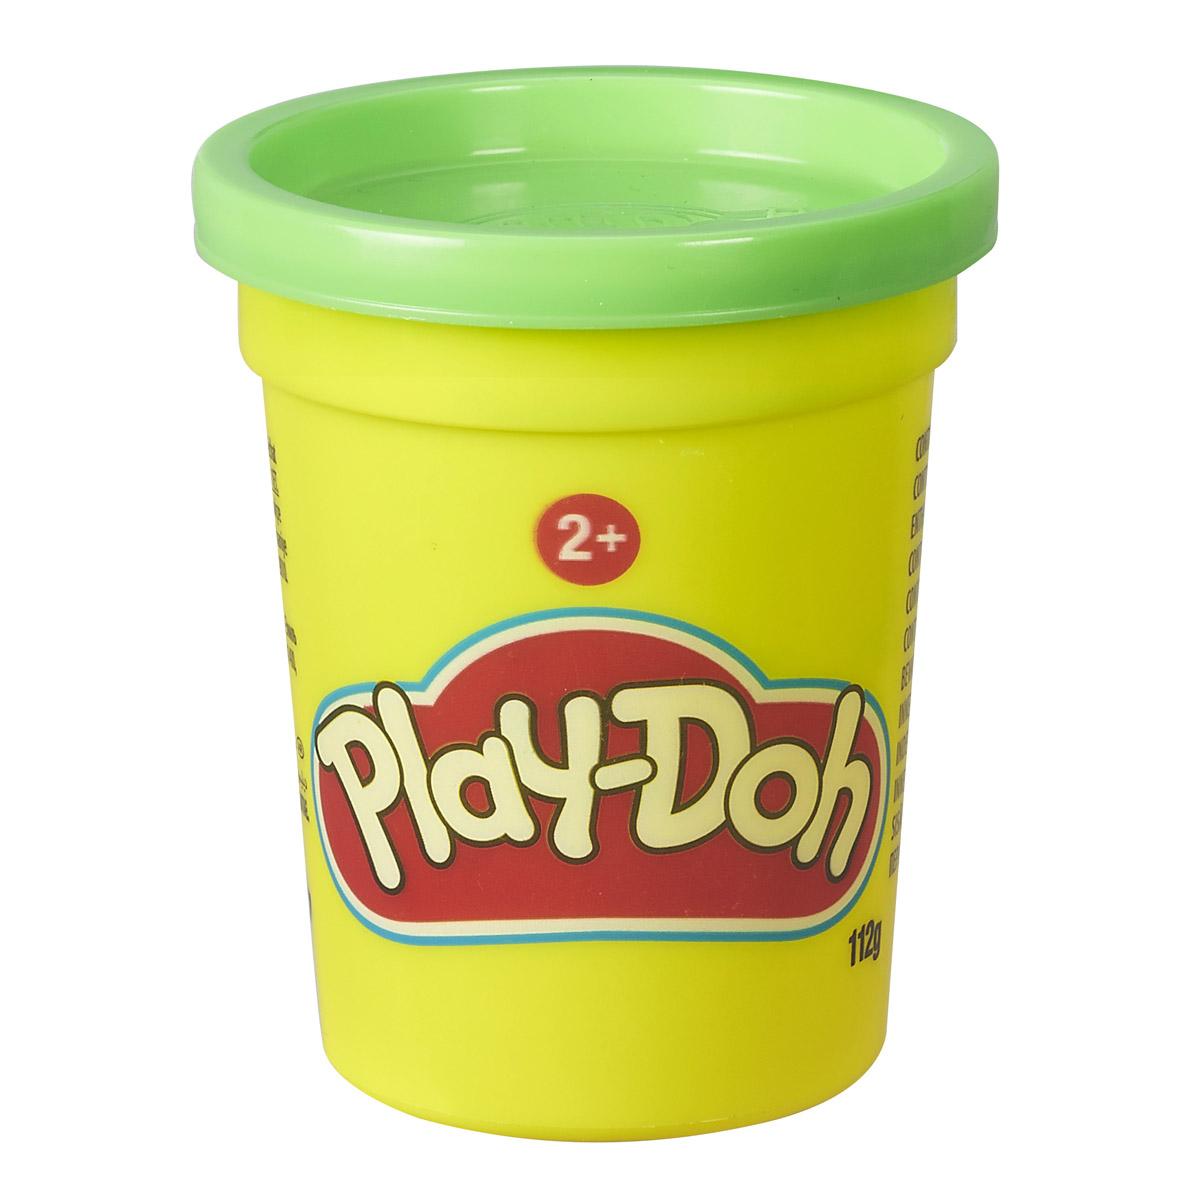 Play-Doh Масса для лепки цвет зеленыйB6754EU2_зелёныйМасса Play-Doh, предназначенная для лепки и моделирования, поможет малышу развить творческие способности, воображение и мелкую моторику рук. Очень мягкий пластилин хорошо мнется и быстро высыхает. Окрашен безопасным красителем. Лепка из пластилина - необычайно занимательный процесс не только для детей, но и для взрослых.